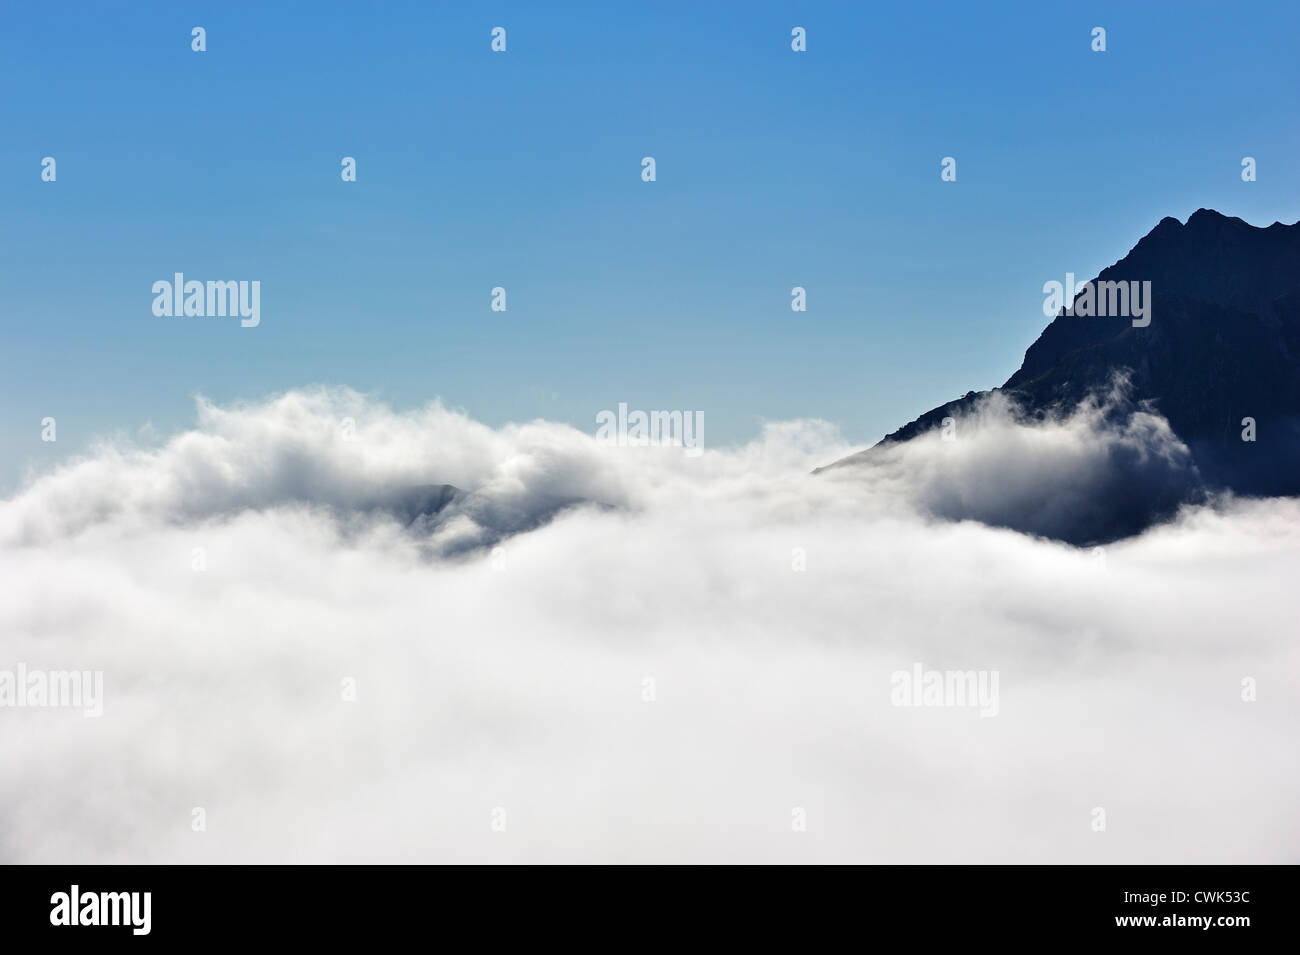 Berggipfel überragt steigenden Wolken in den Pyrenäen, Frankreich Stockbild